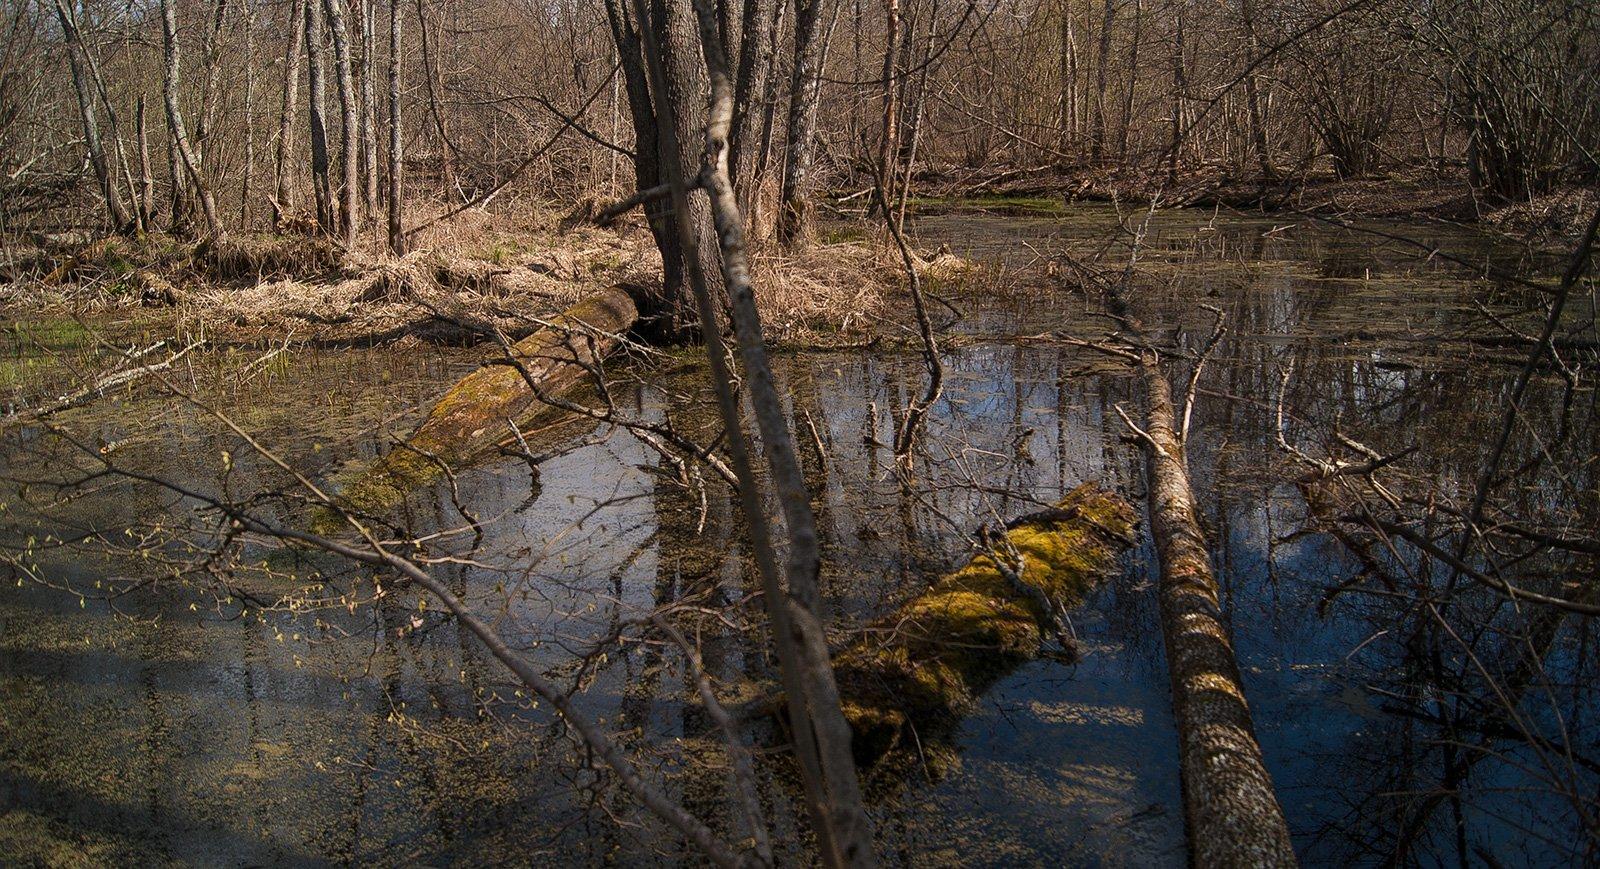 край тысячи озер и проток в позднем апреле